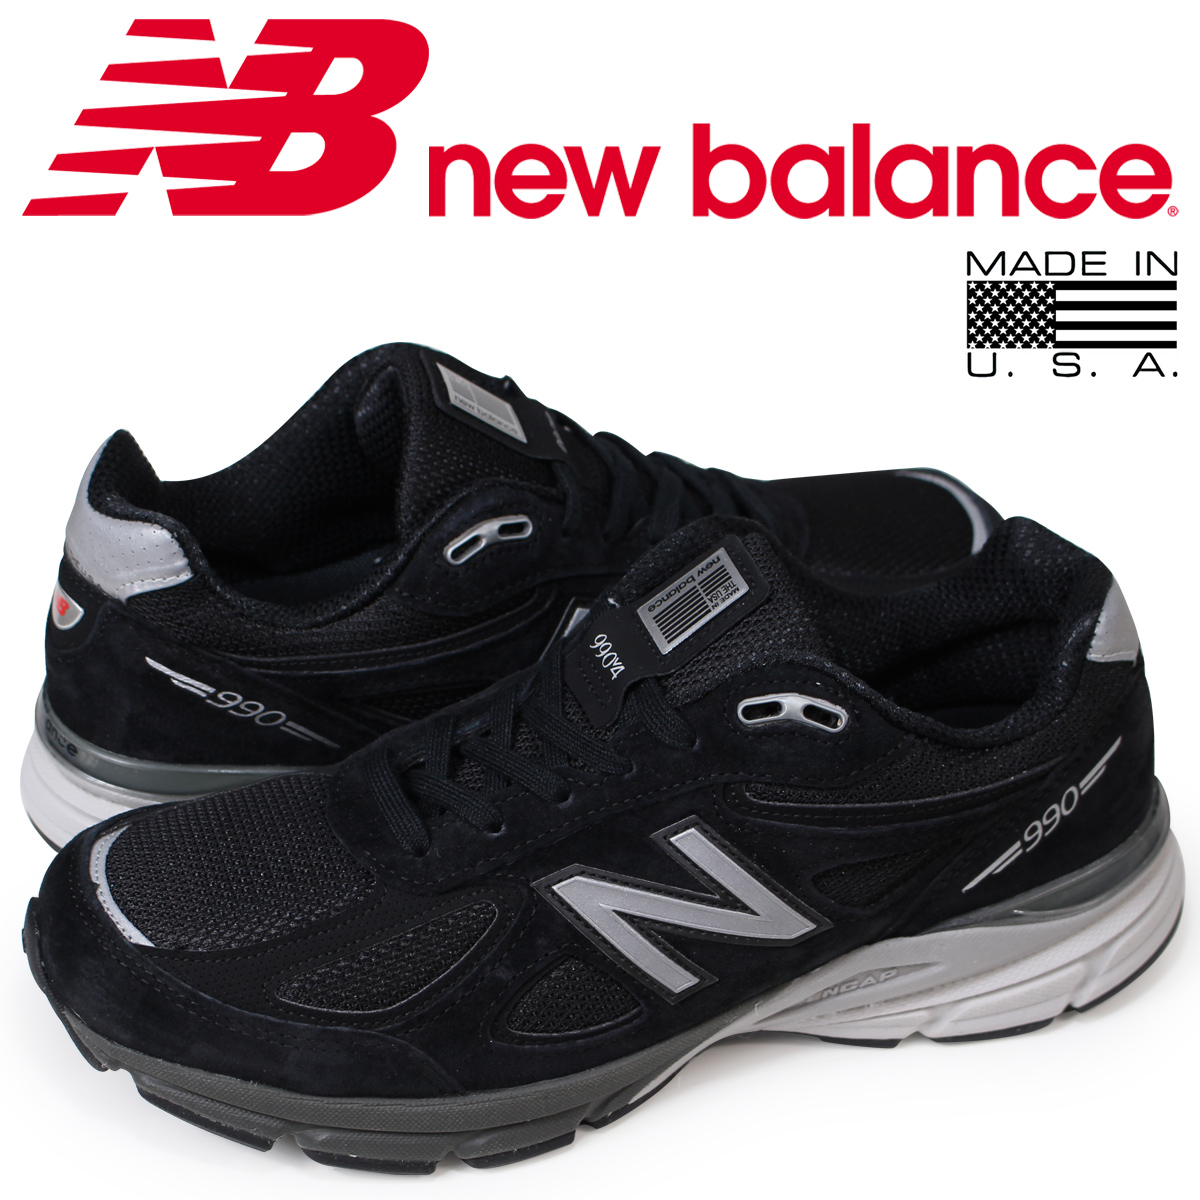 ニューバランス 990 メンズ new balance スニーカー M990BK4 Dワイズ MADE IN USA ブラック